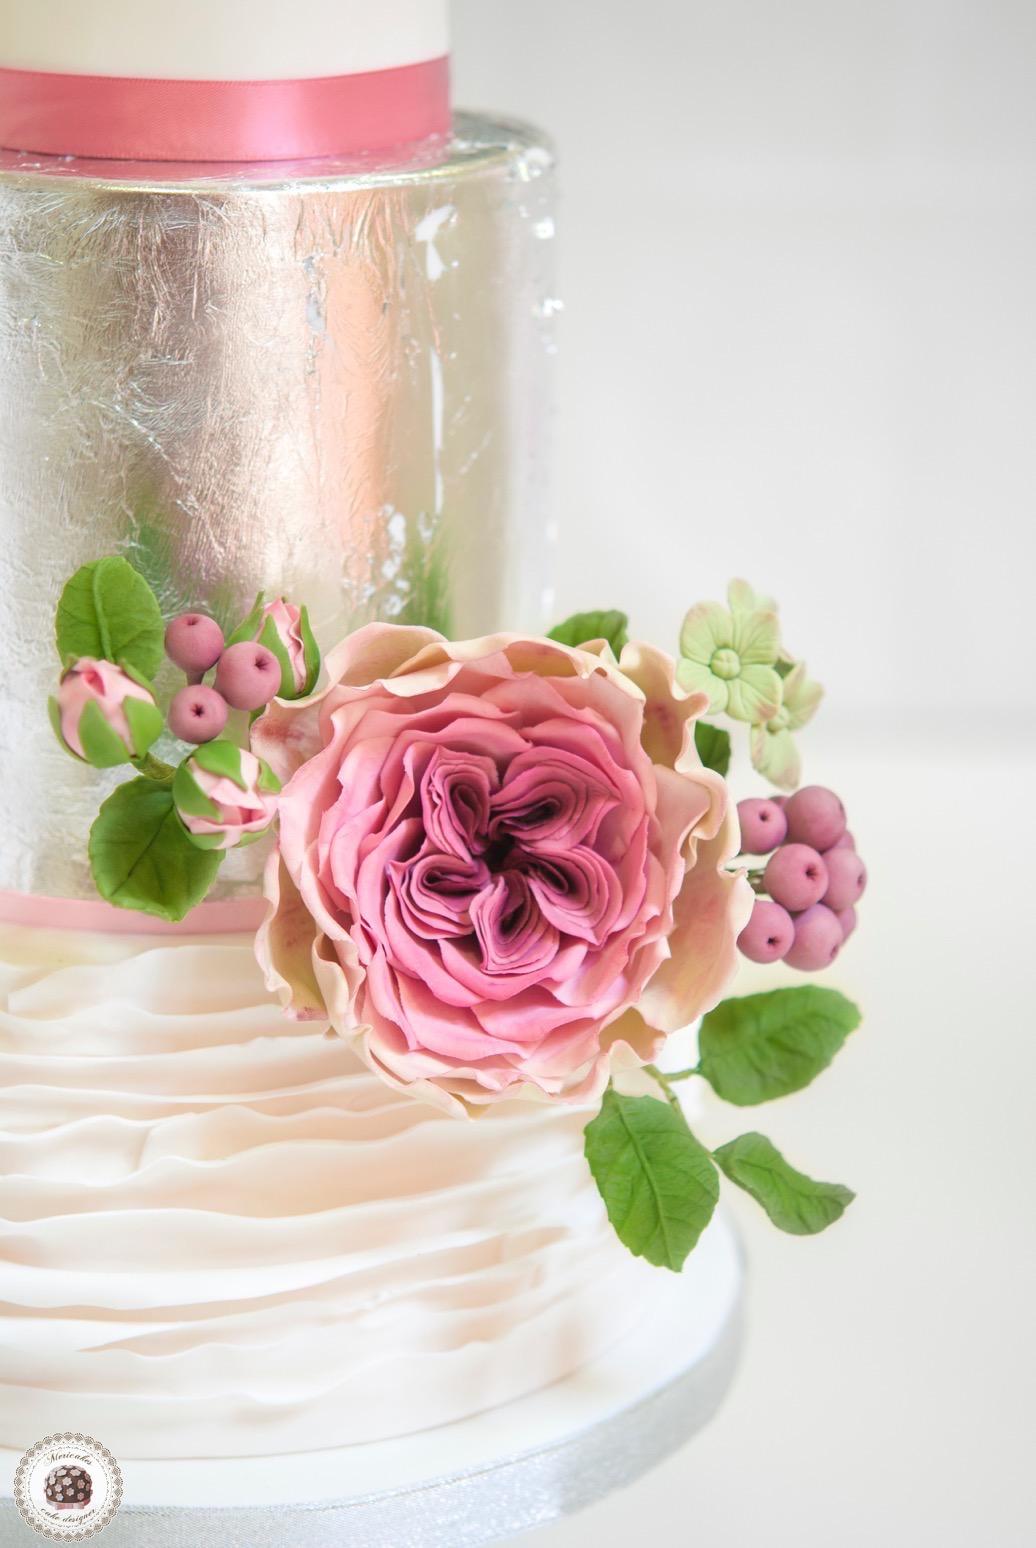 master-class-mericakes-tartas-de-boda-curso-fondant-tartas-decoradas-flores-de-azucar-pan-de-plata-ruffle-volantes-barcelona-wedding-cake-bodas-barcelona-wedding-inspiration